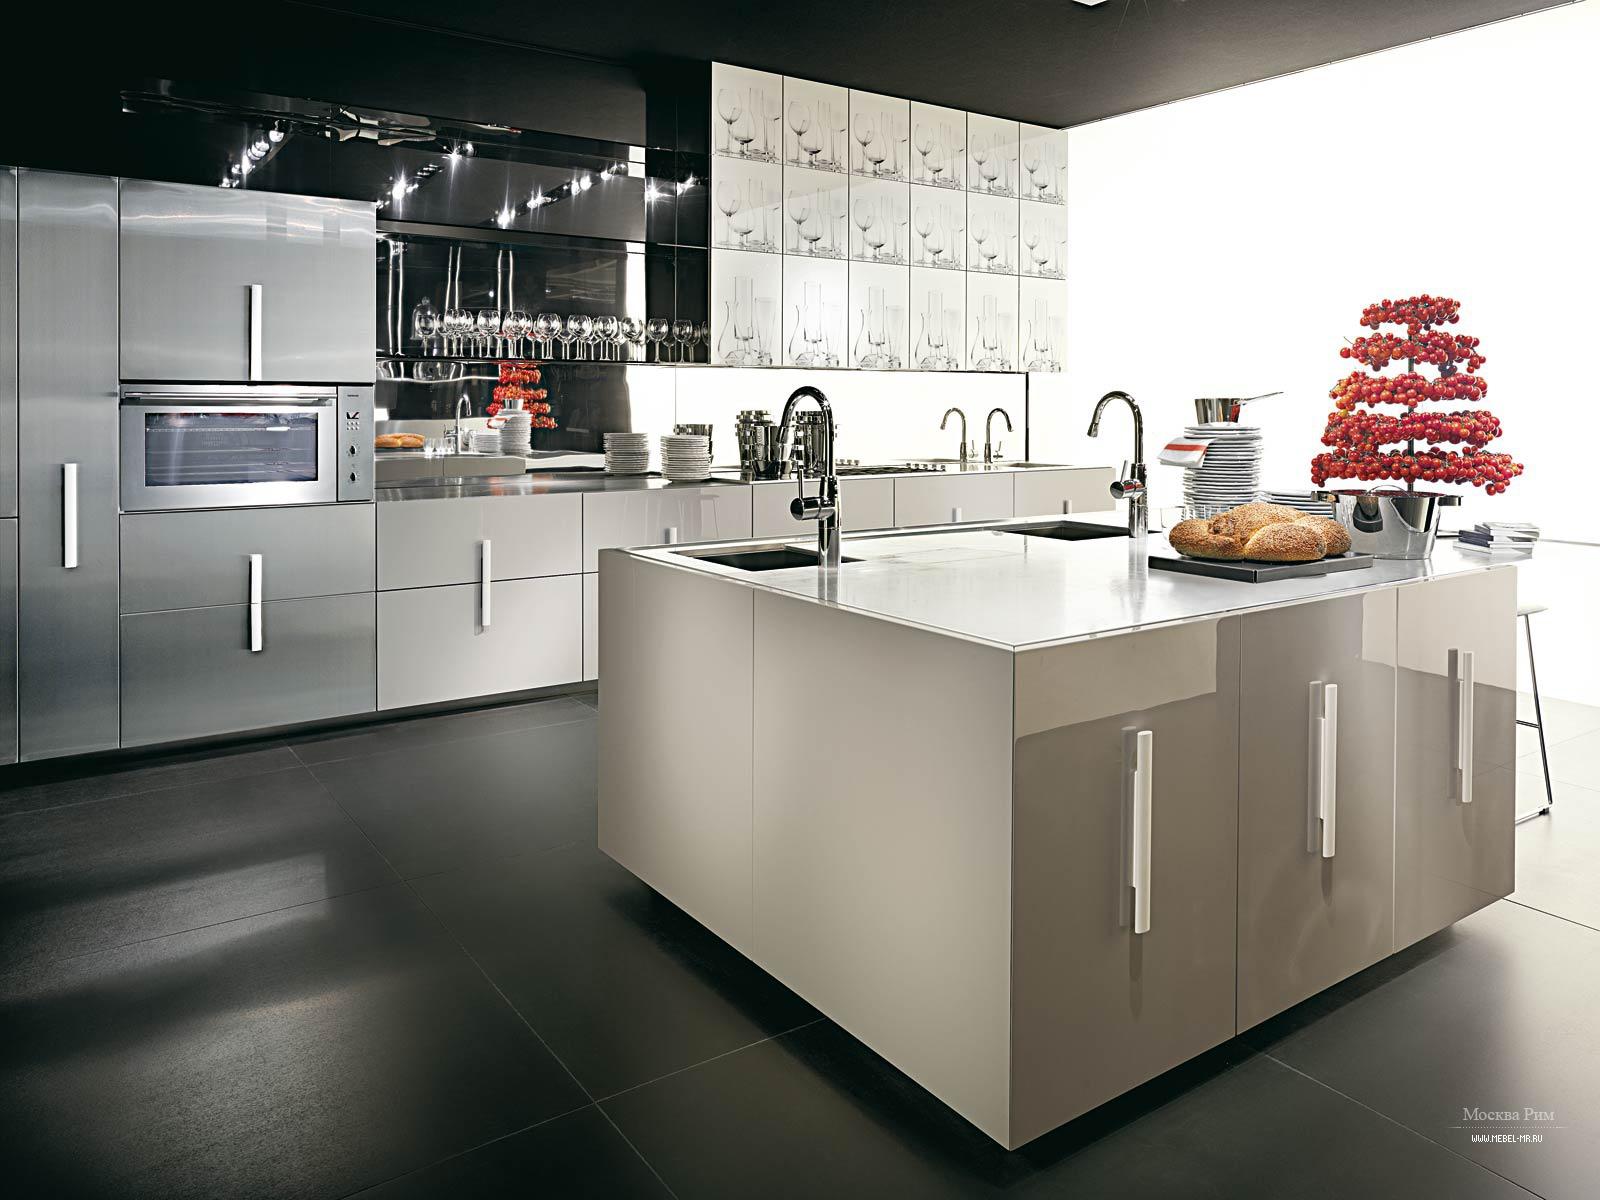 Кухонный гарнитур из массива дерева с островом Etna, Rossana - Мебель МР